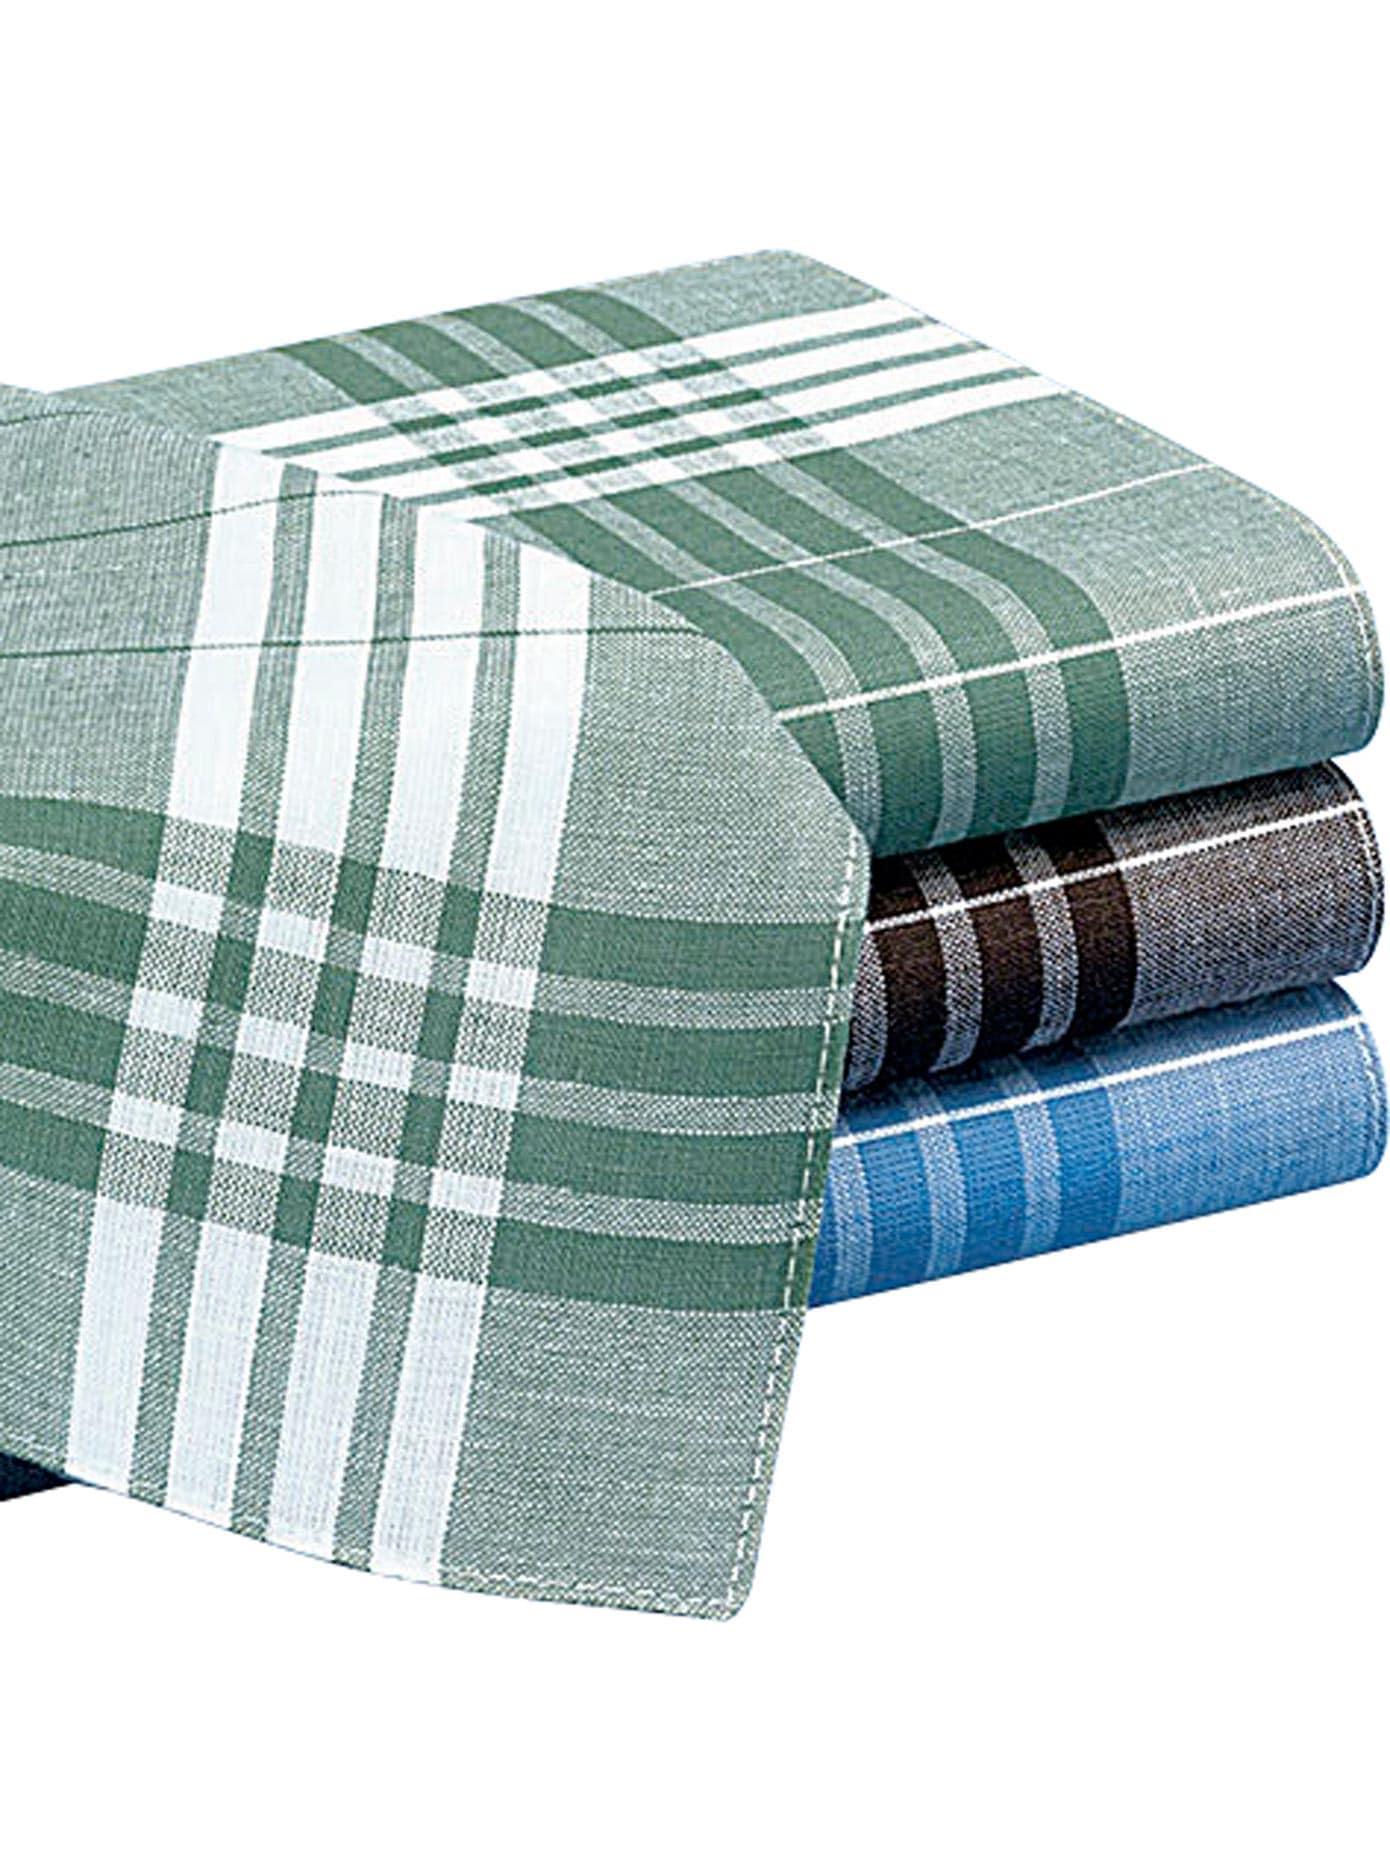 Stuchlik Taschentücher (12 Stck.) Preisvergleich